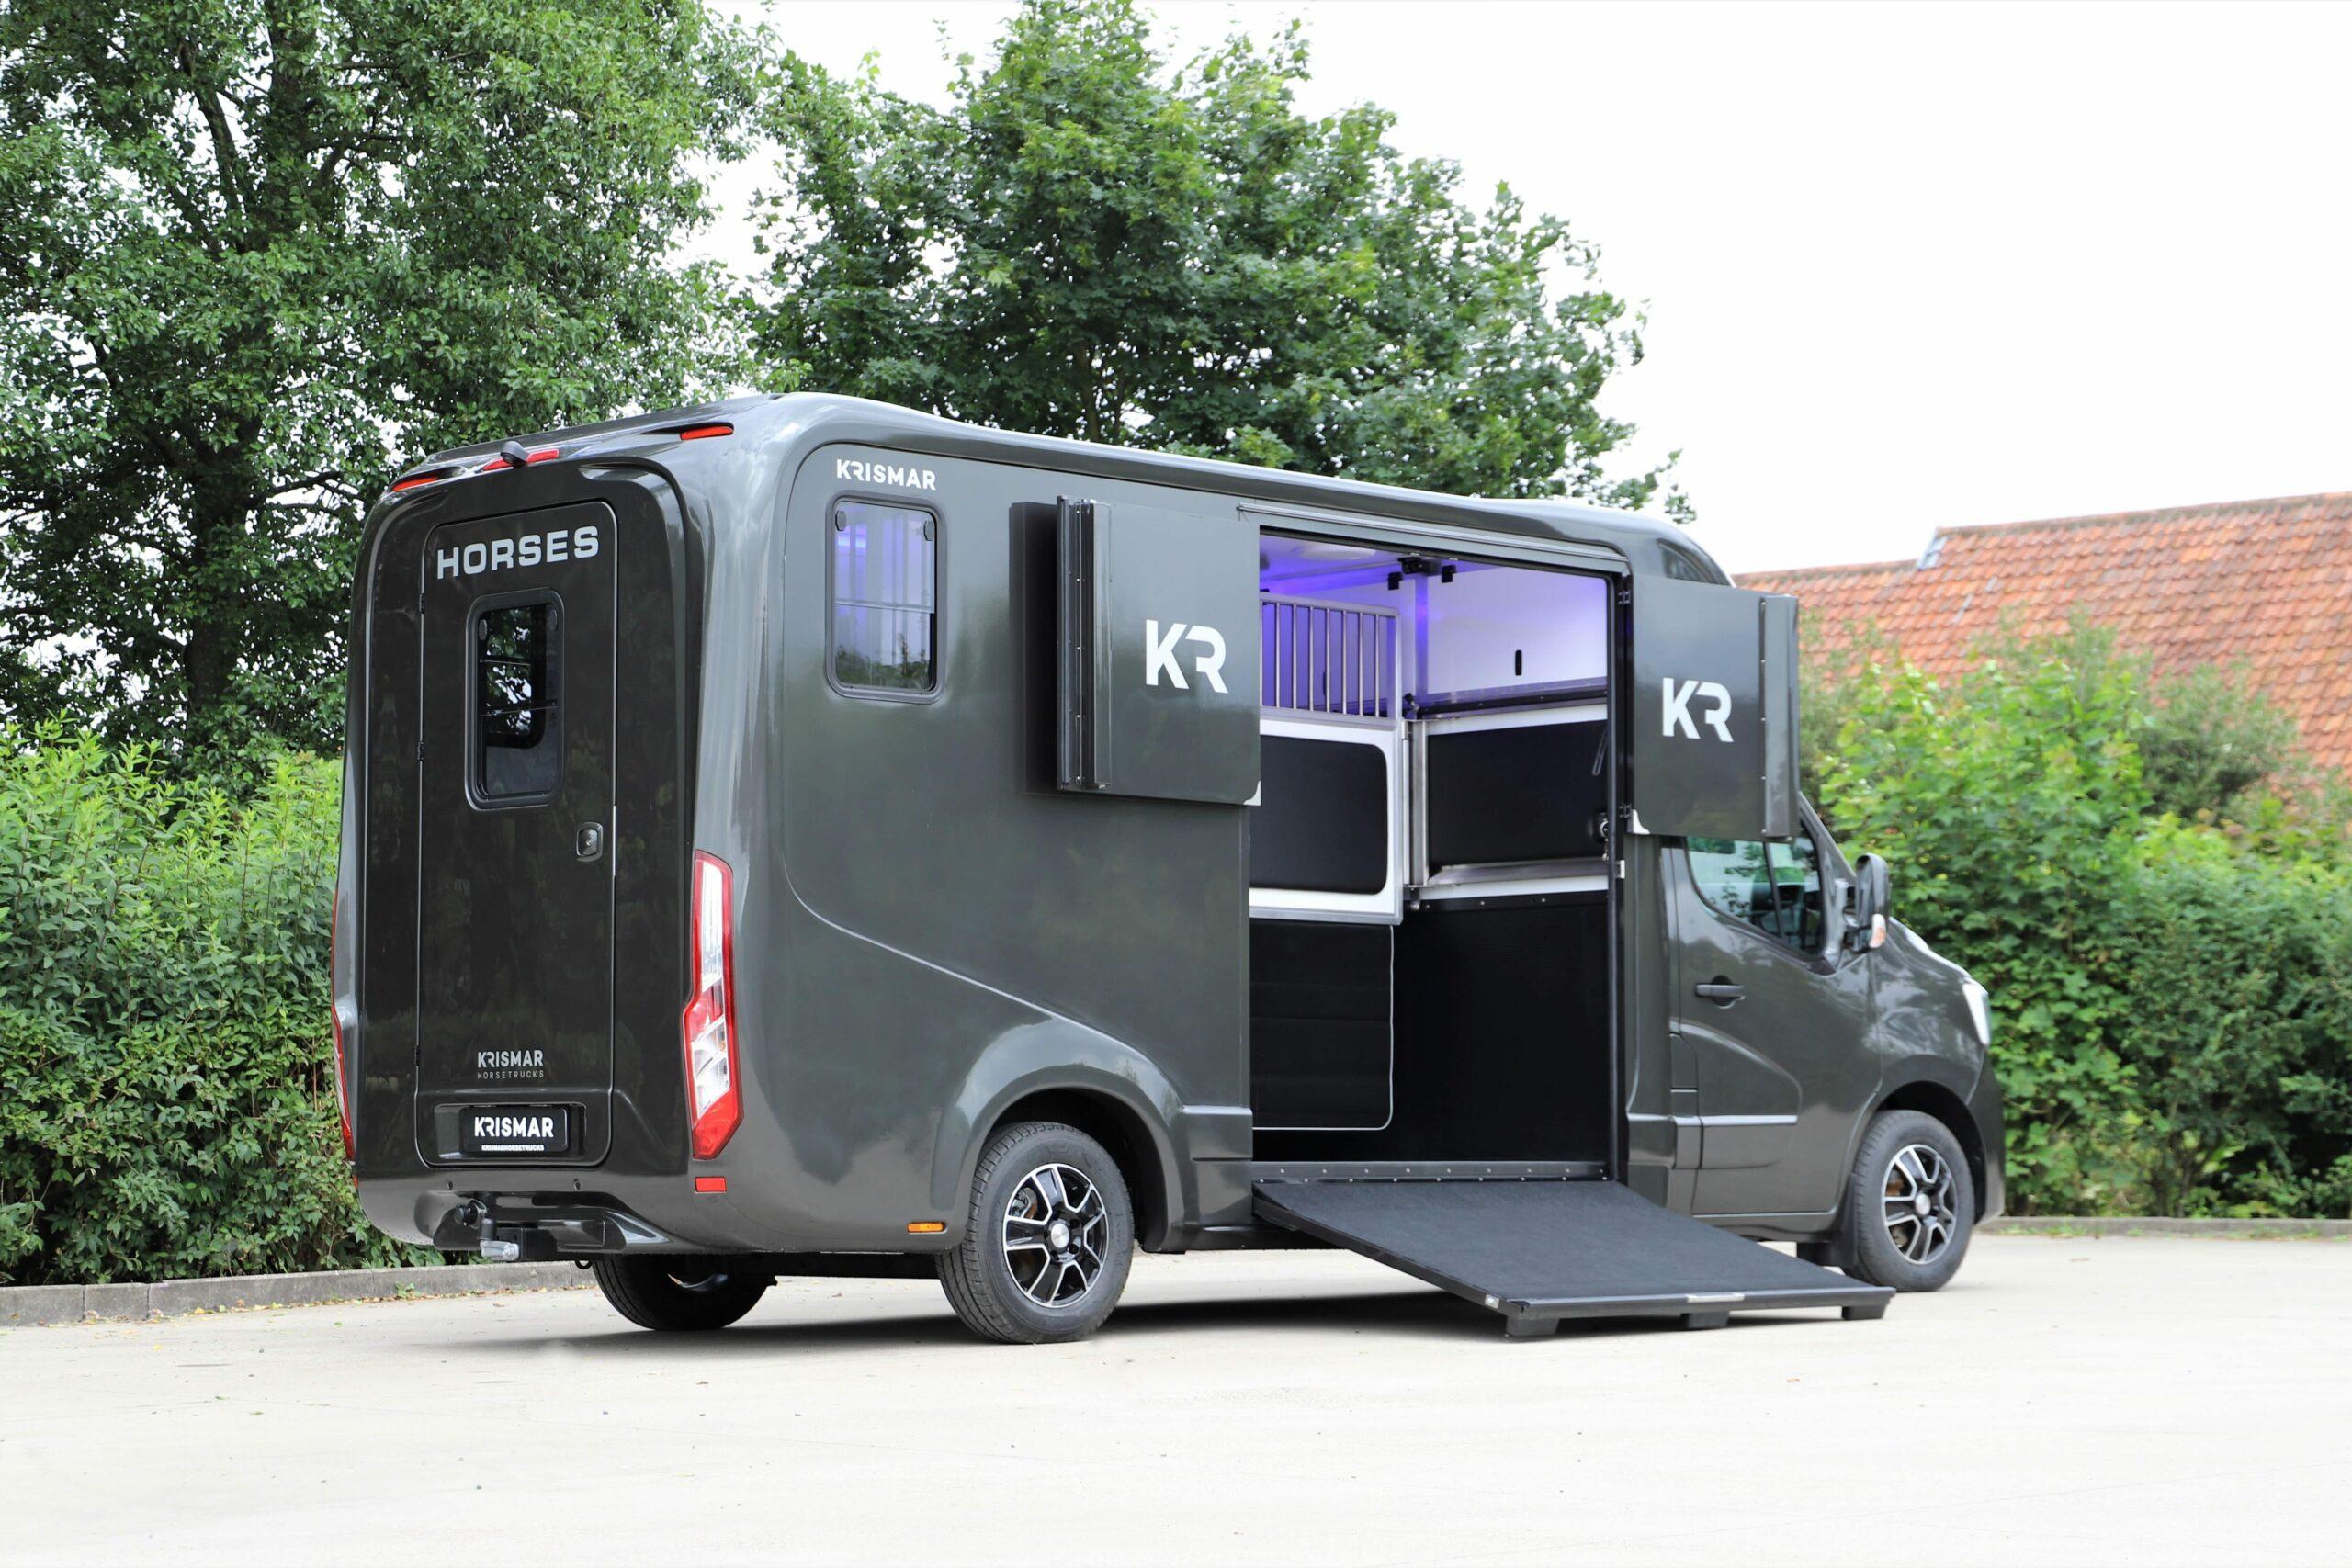 Een donkergrijze Krismar paardenvrachtwagen voor 2 paarden gebouwd op een Renault chassis.